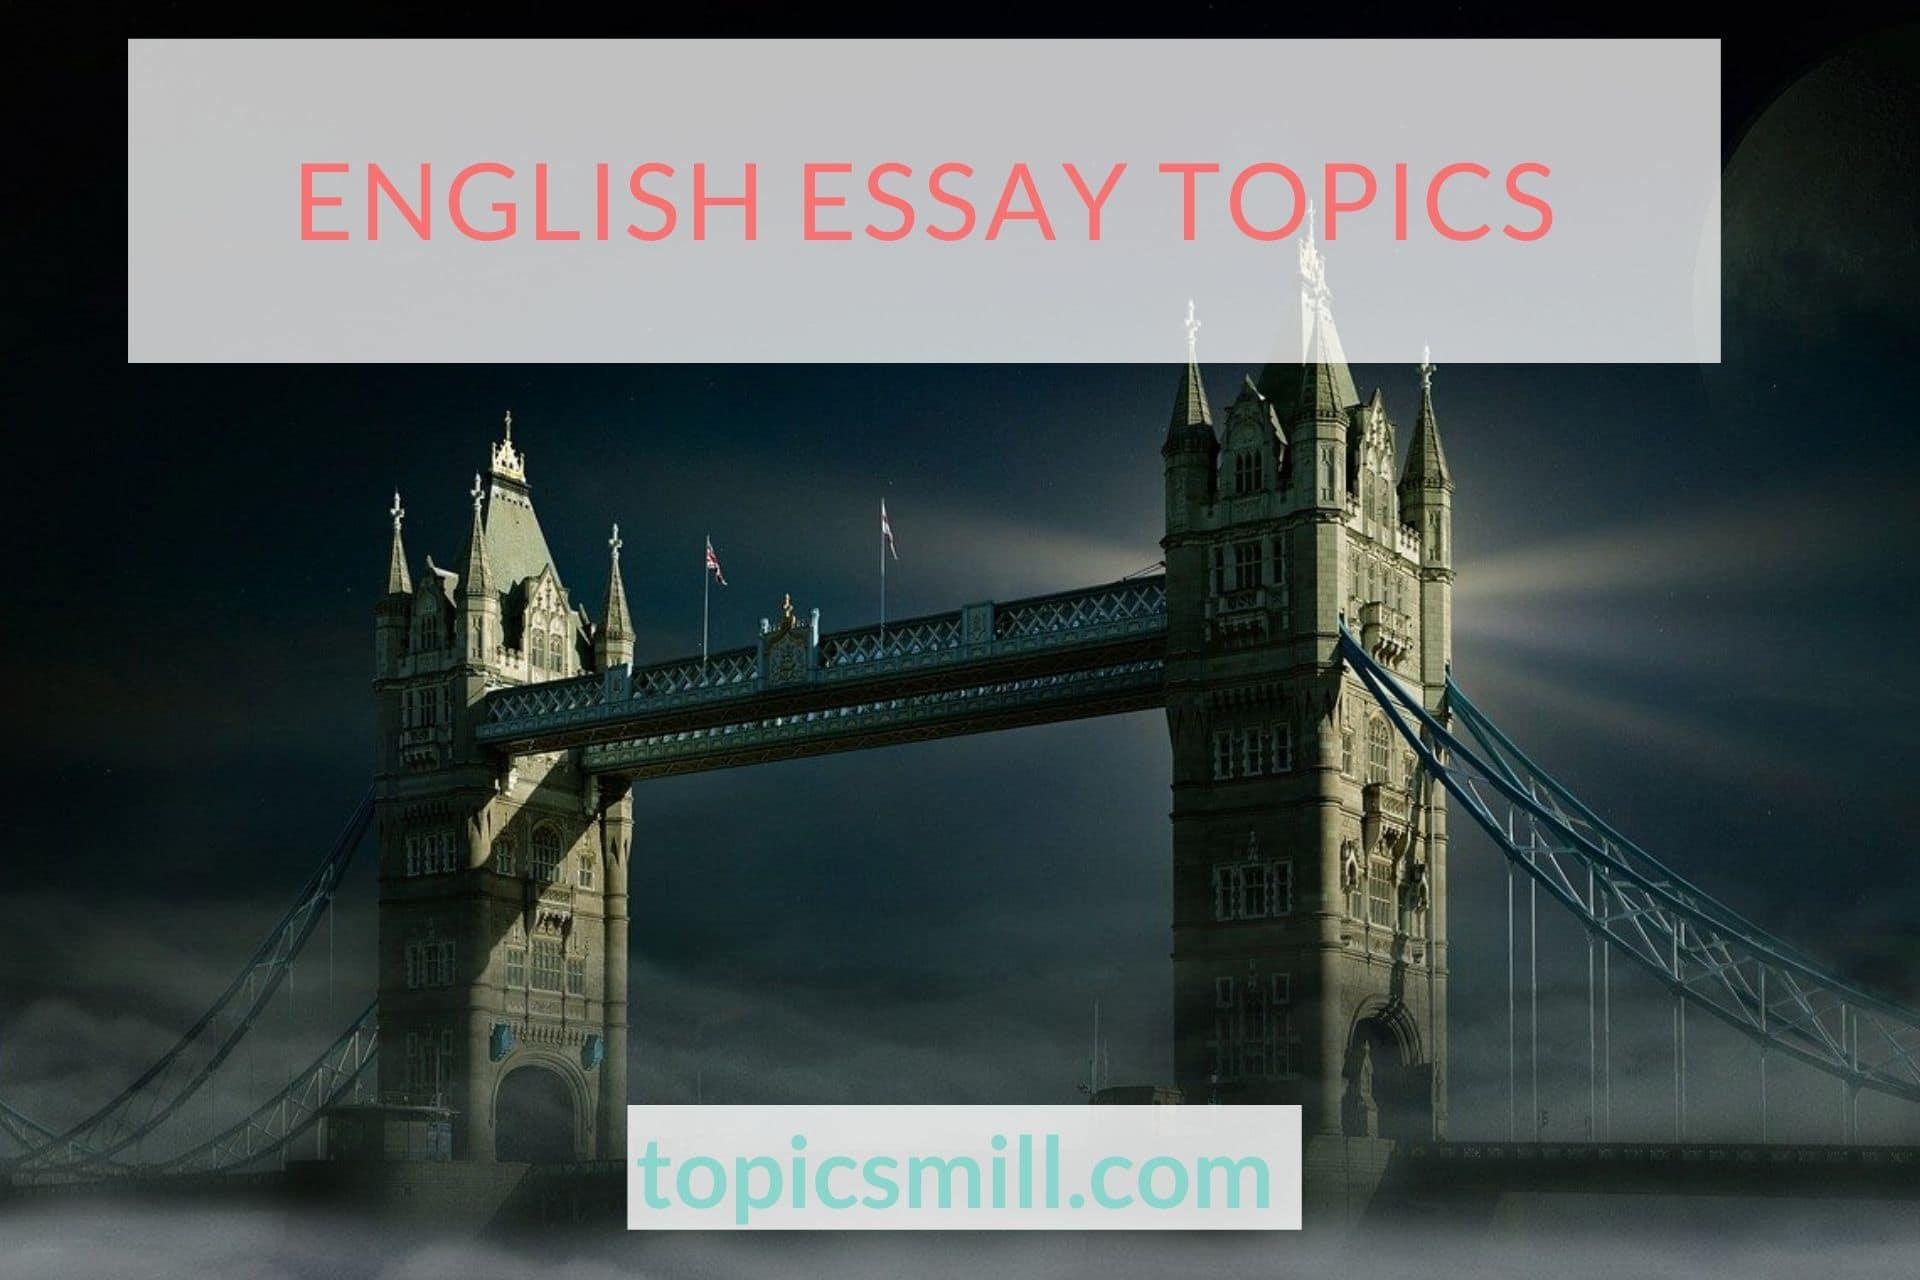 Online correcting essays